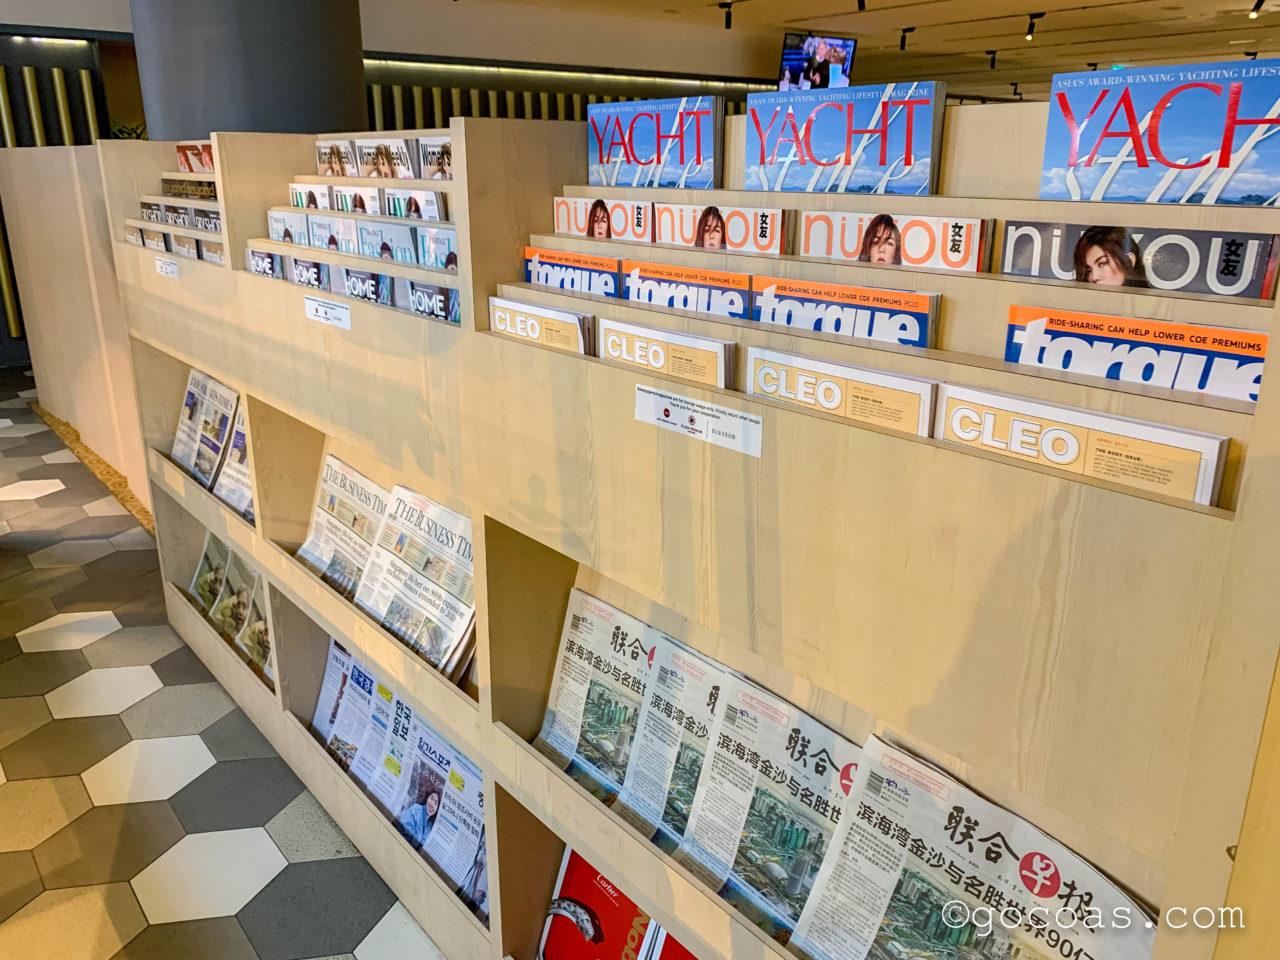 シンガポール・チャンギ国際空港内のBLOSSOM LOUNGEの雑誌コーナー